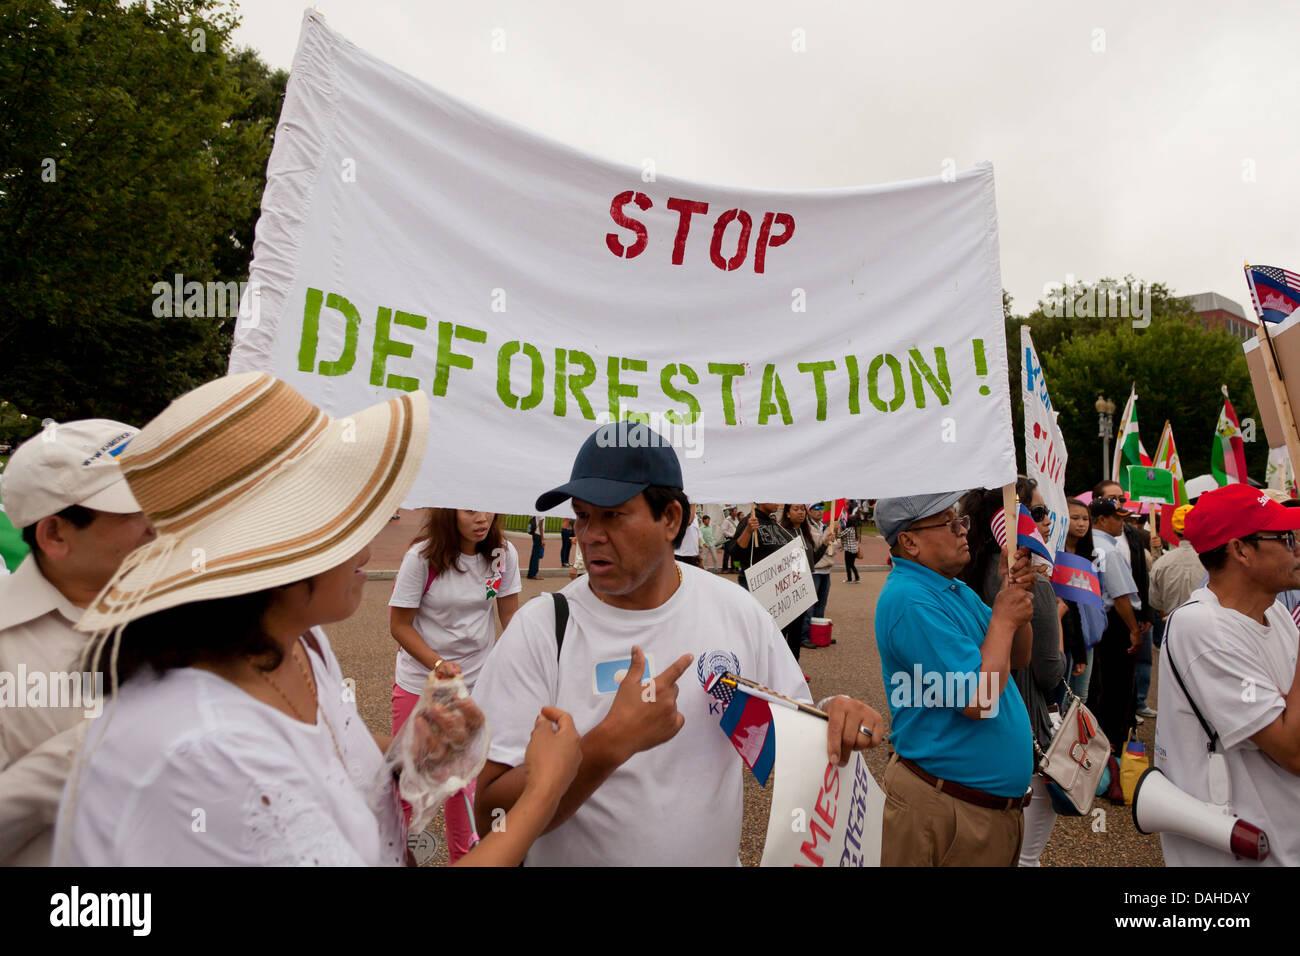 Detener la deforestación banner en un rally ambiental Imagen De Stock